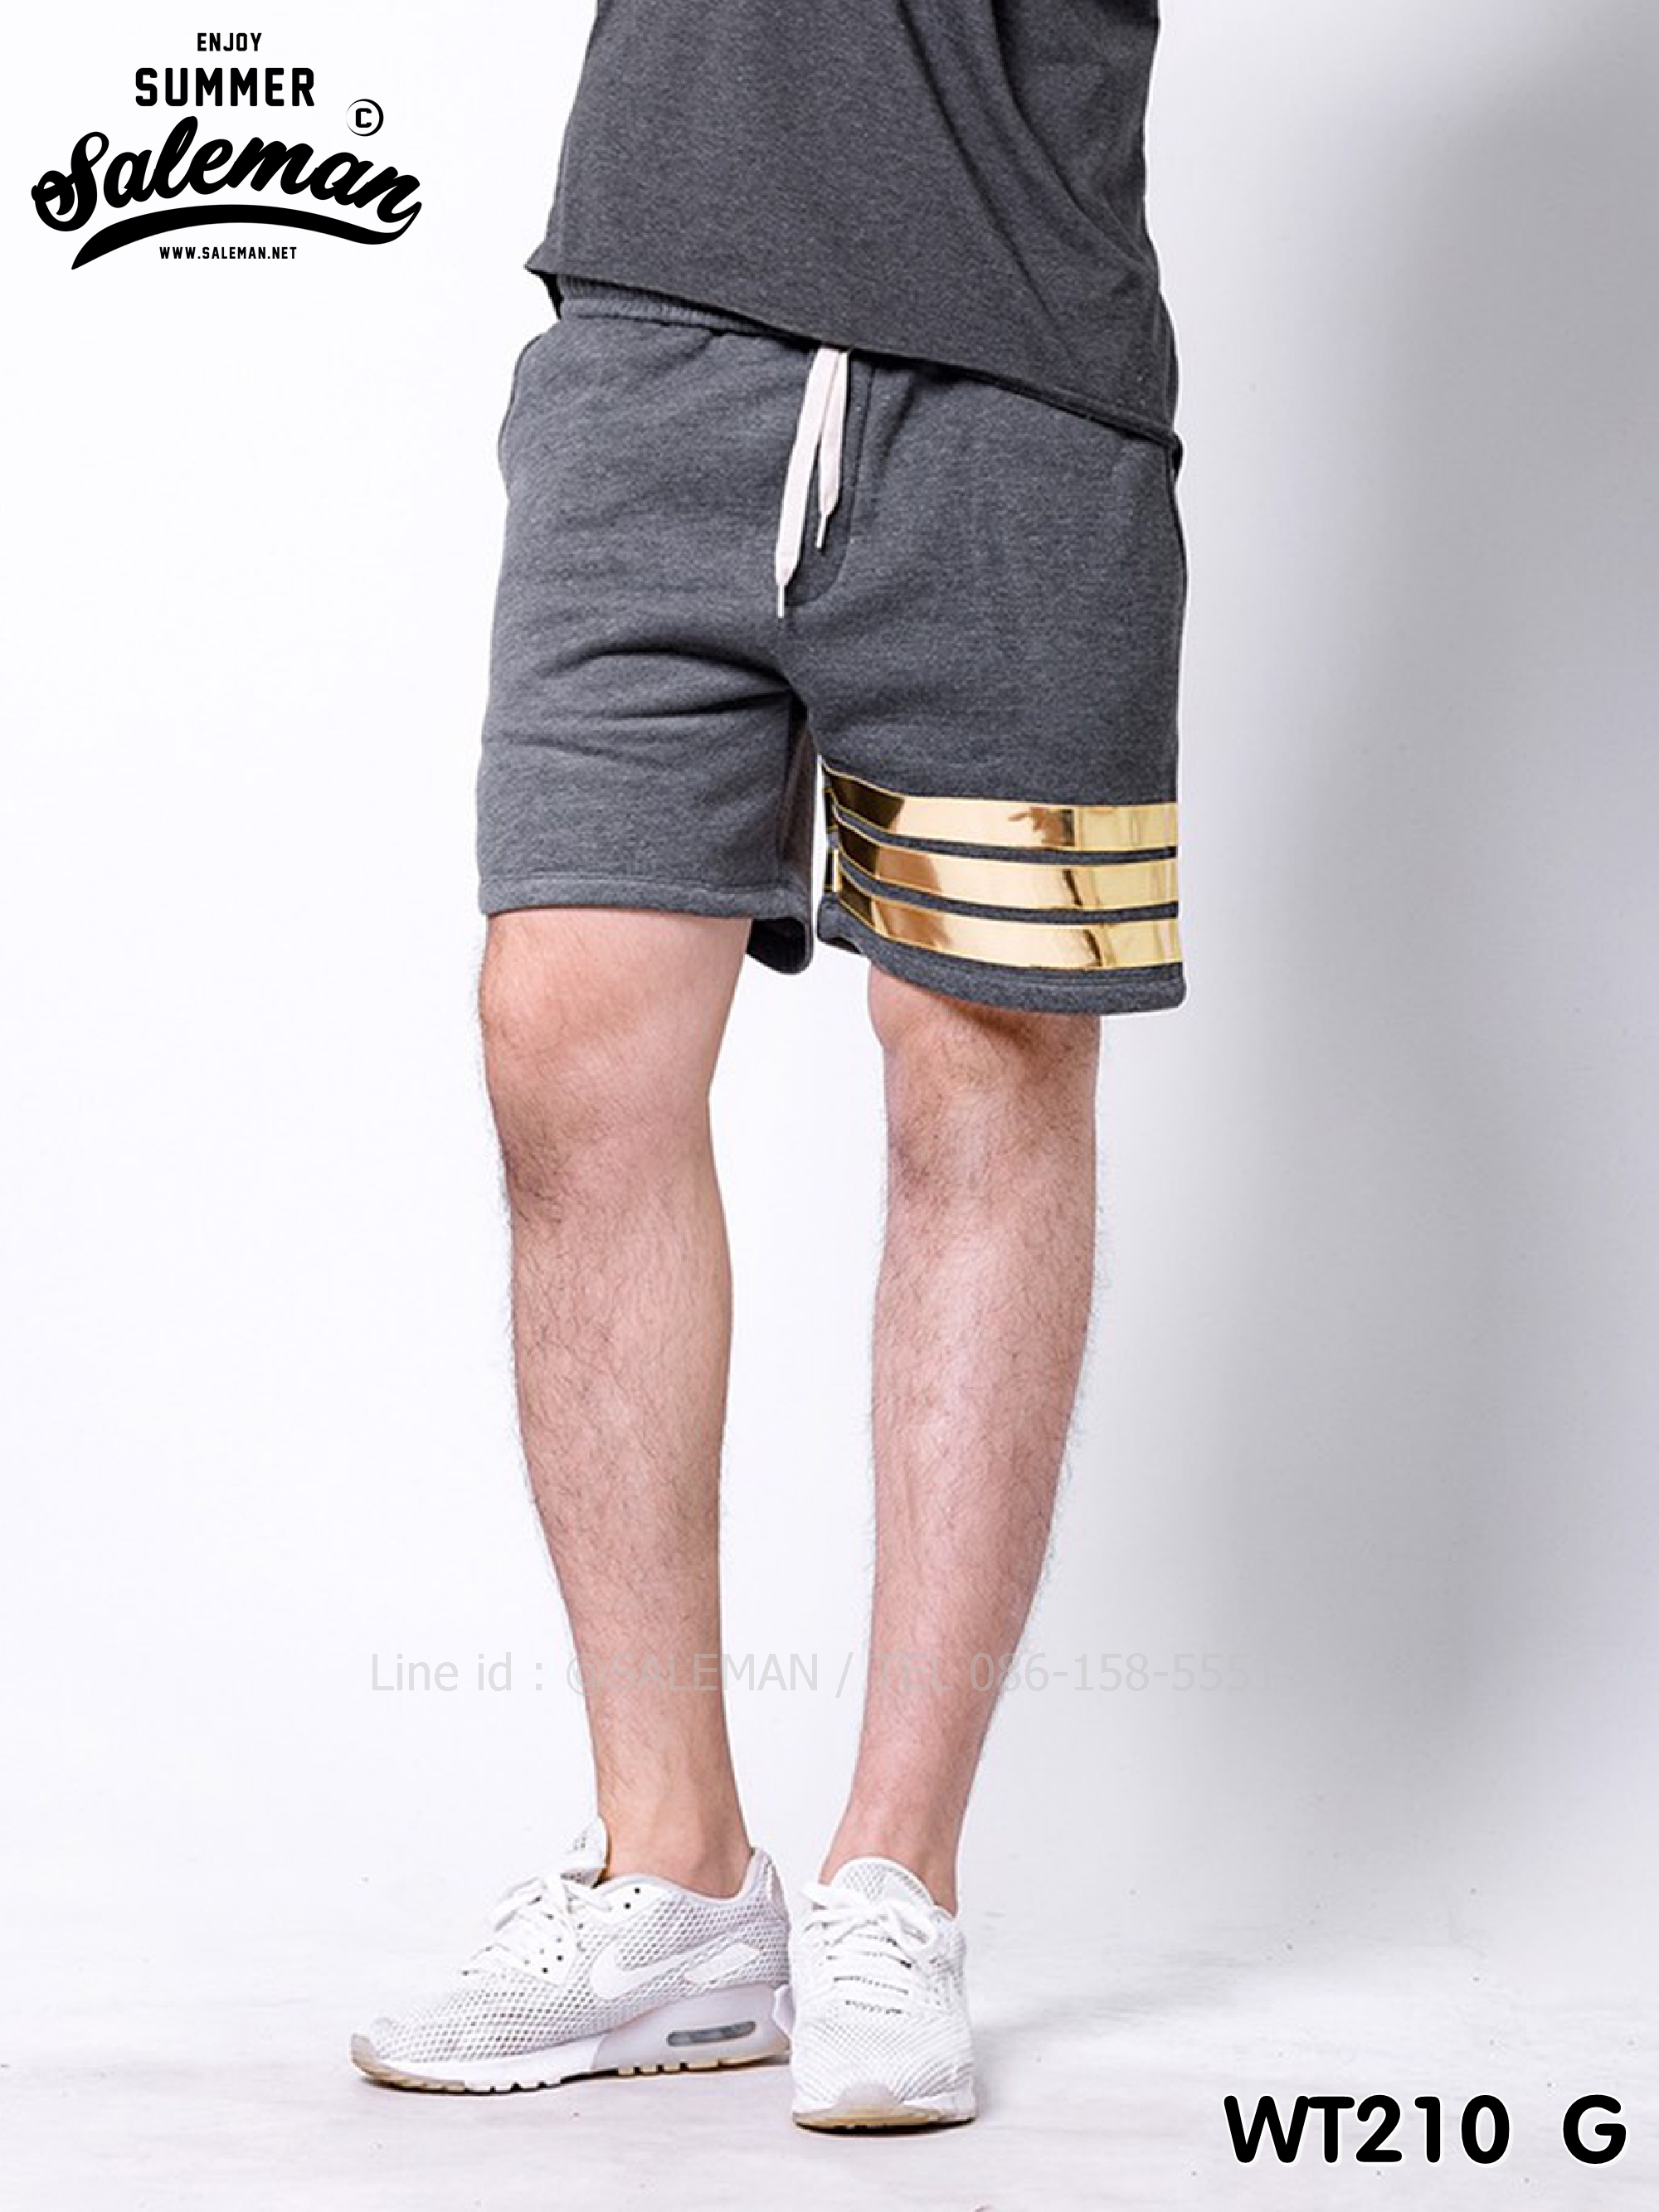 กางเกงขาสั้น พรีเมี่ยมวอร์ม รหัส WT210 G สีเทาเข้ม แถบทอง